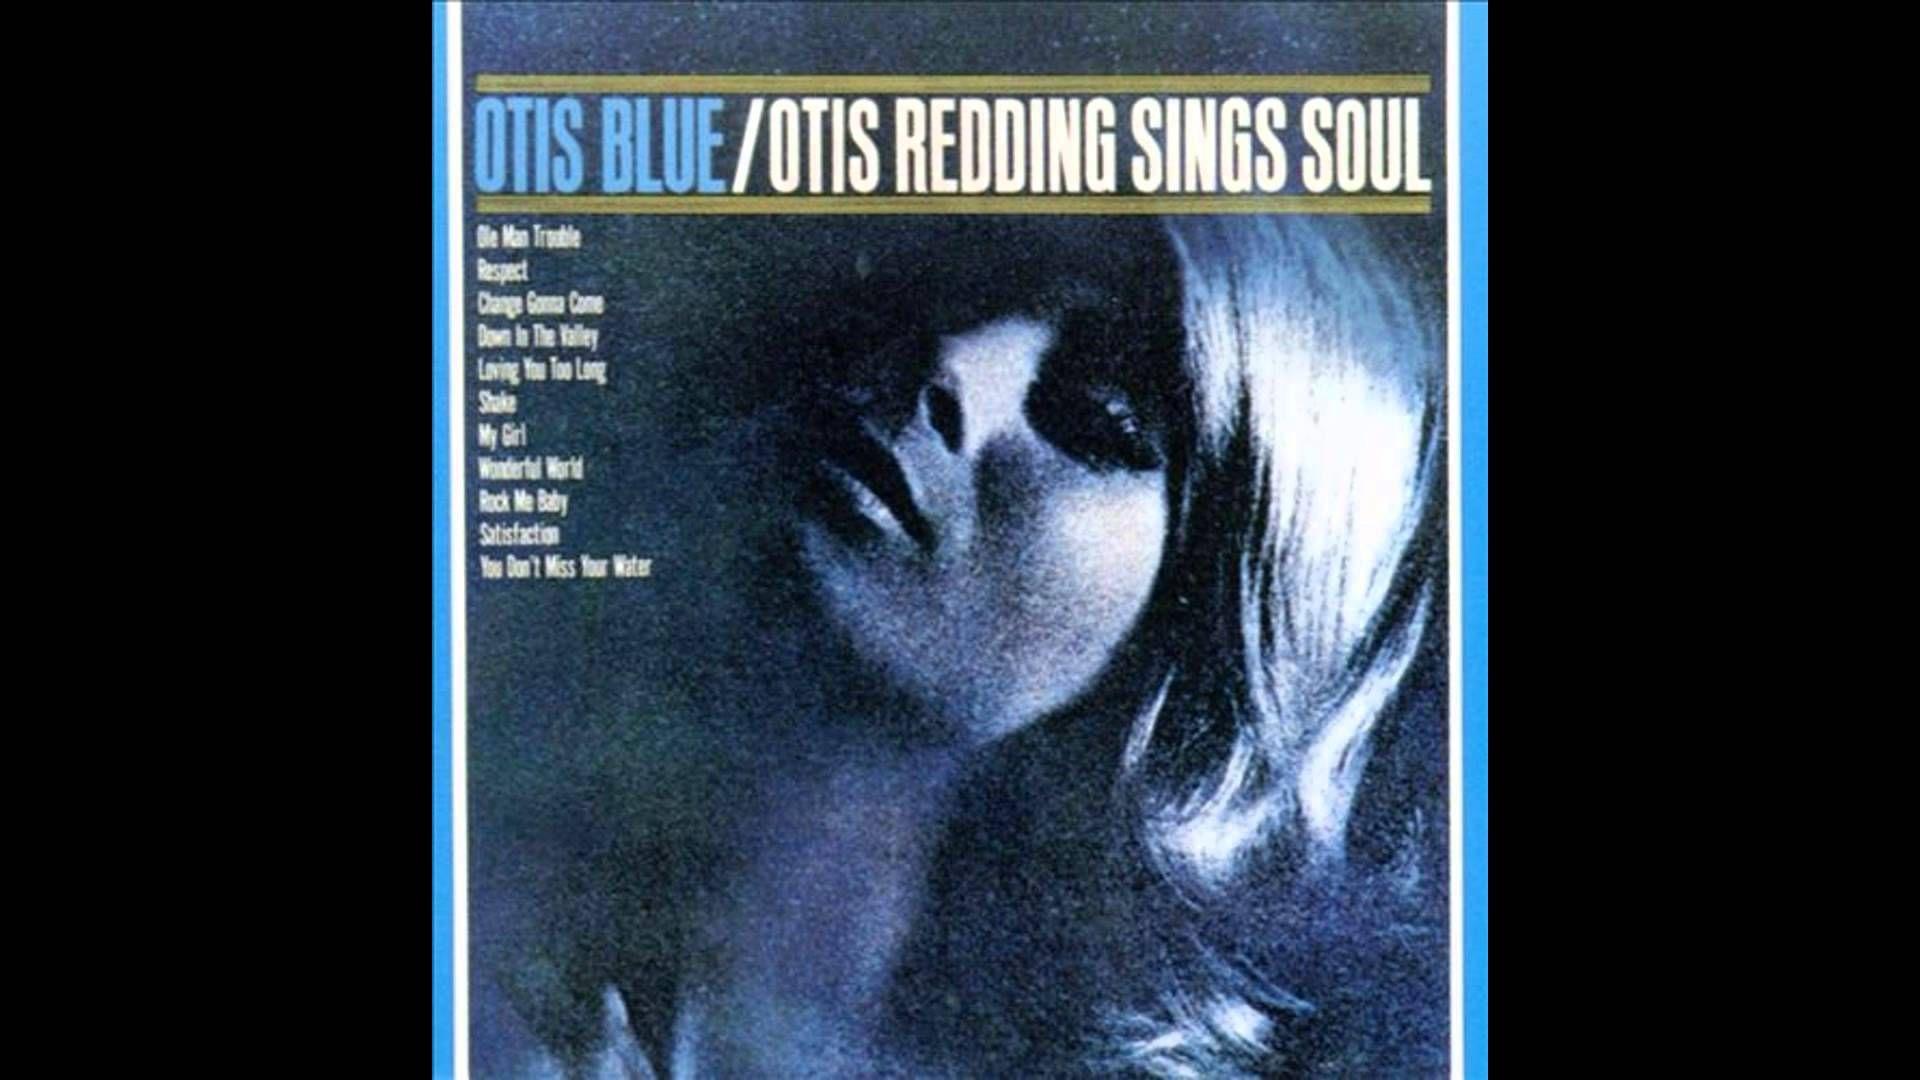 Otis redding otis blueotis redding sings soul full album and